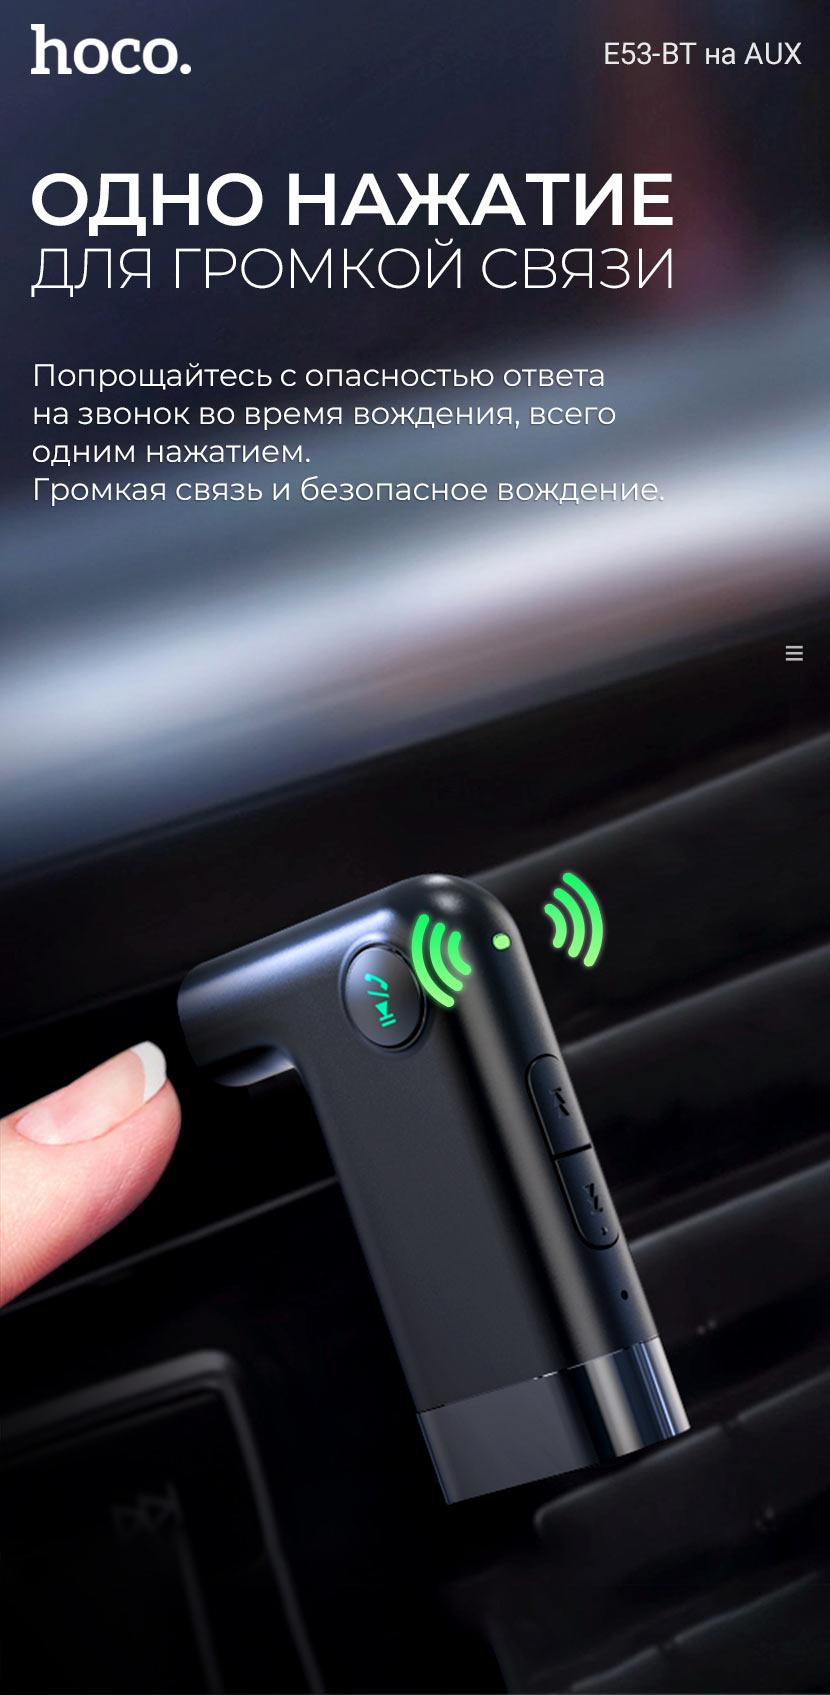 hoco news e53 dawn sound in car aux wireless receiver one click ru